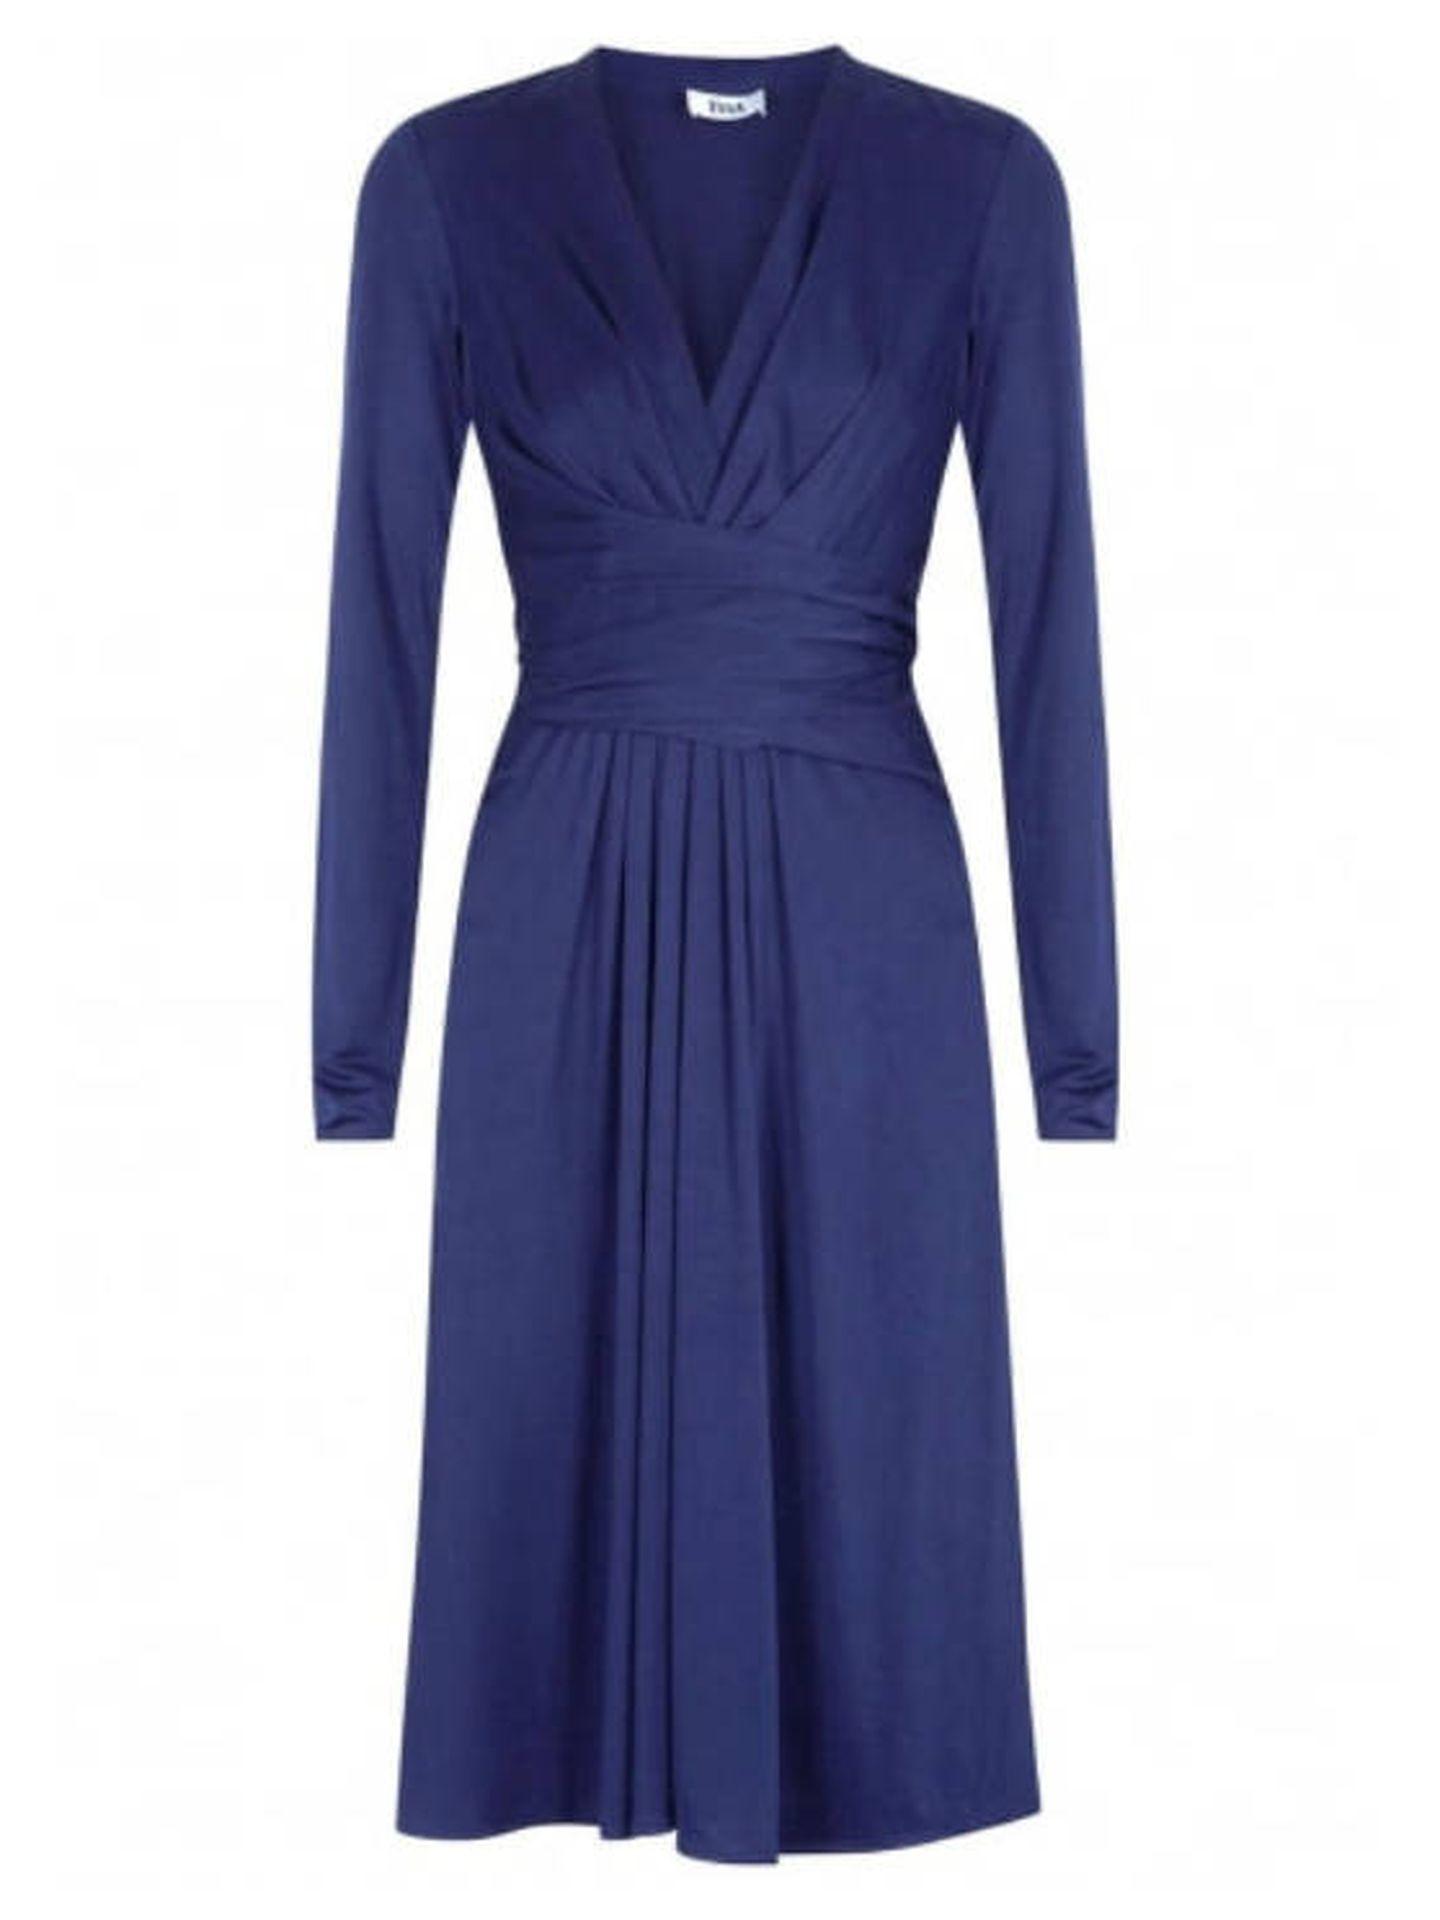 El vestido de Issa London. (Cortesía)